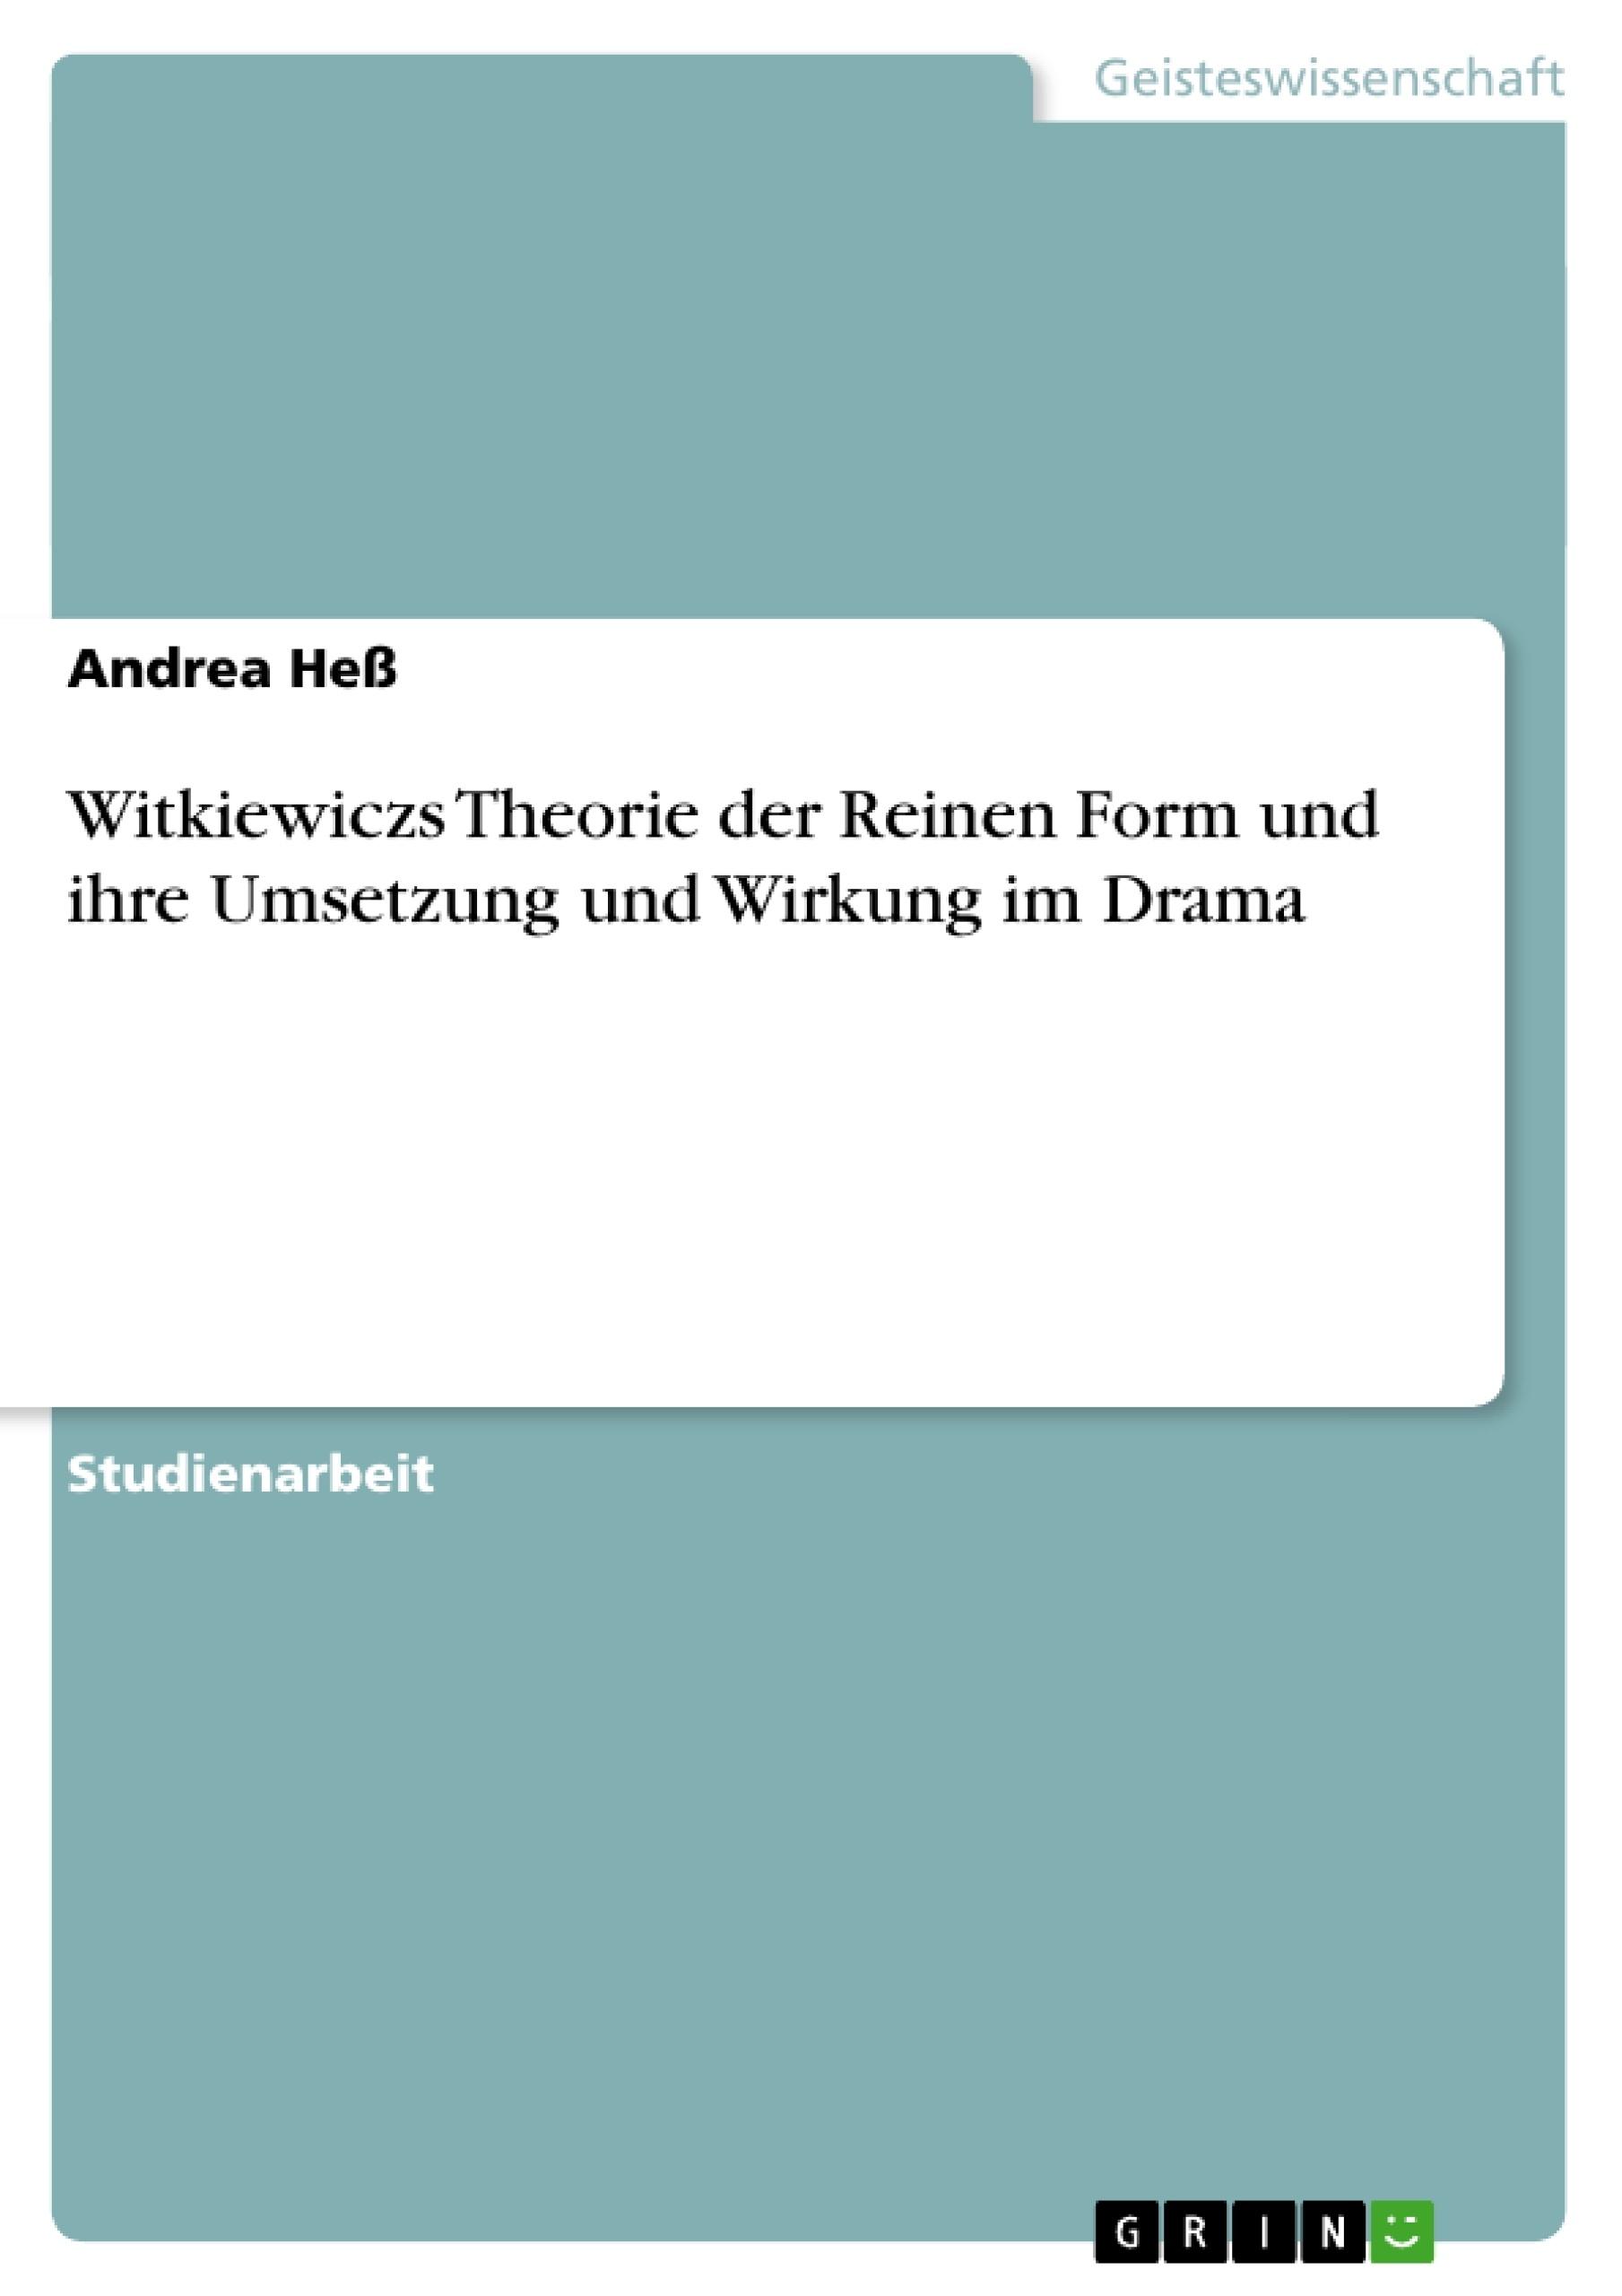 Titel: Witkiewiczs Theorie der Reinen Form und ihre Umsetzung und Wirkung im Drama